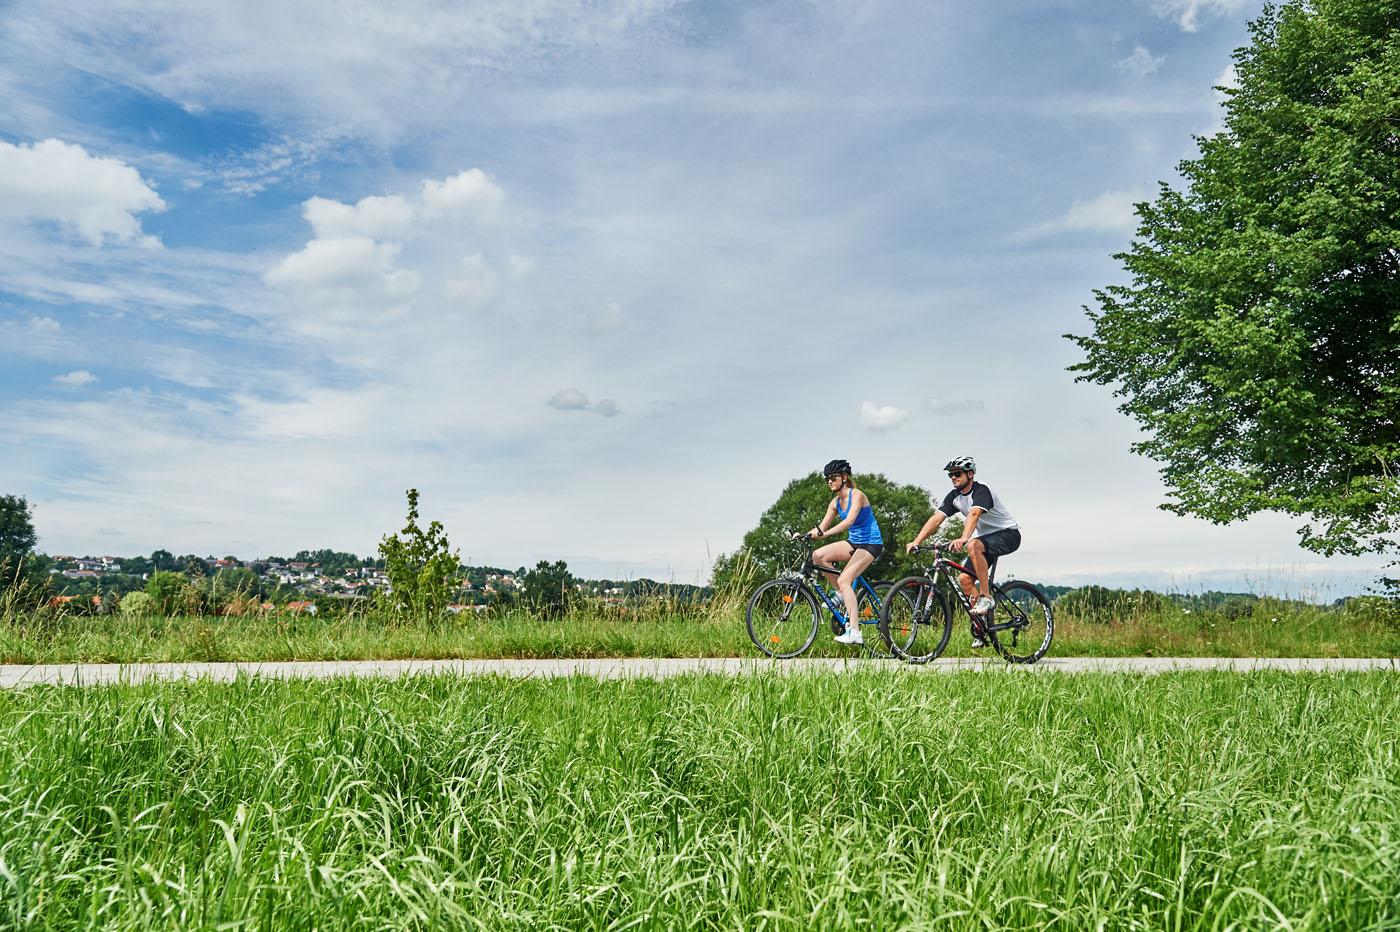 Unterwegs auf dem Rottal-Radweg in der Ferienregion Rottal-Inn